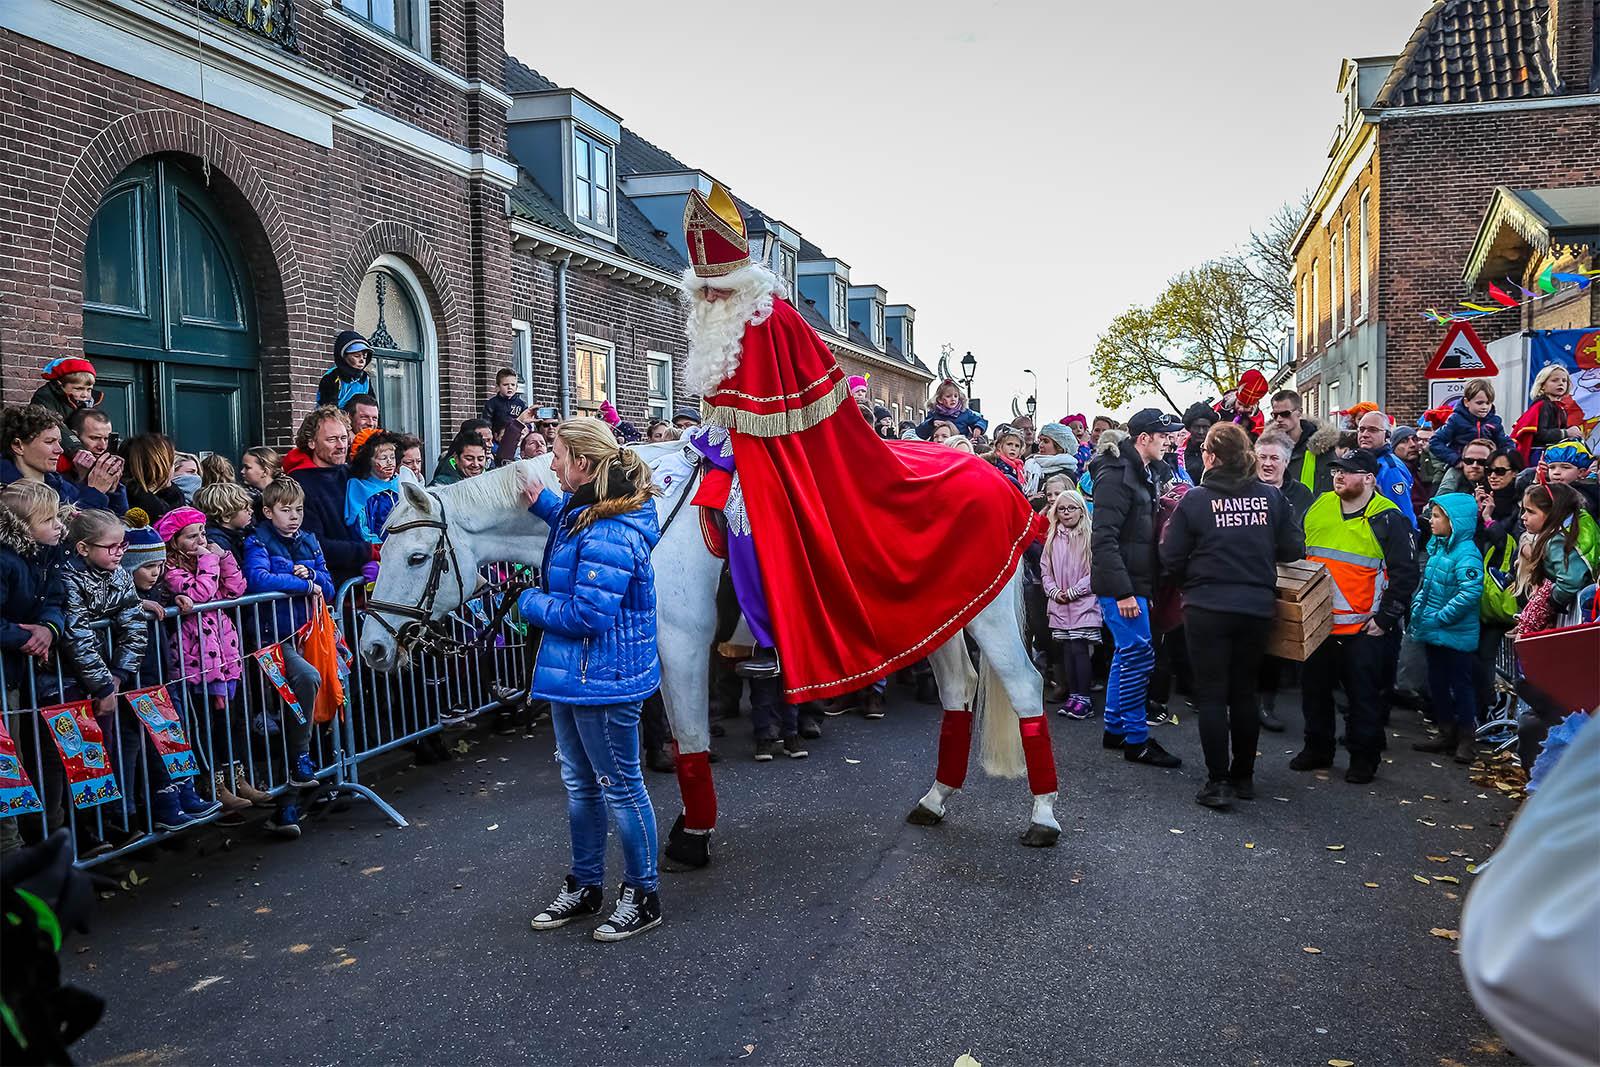 culemborg intocht sinterklaas 2018_0005_©John Verhagen-Sinterklaas 2018-0304.jpg